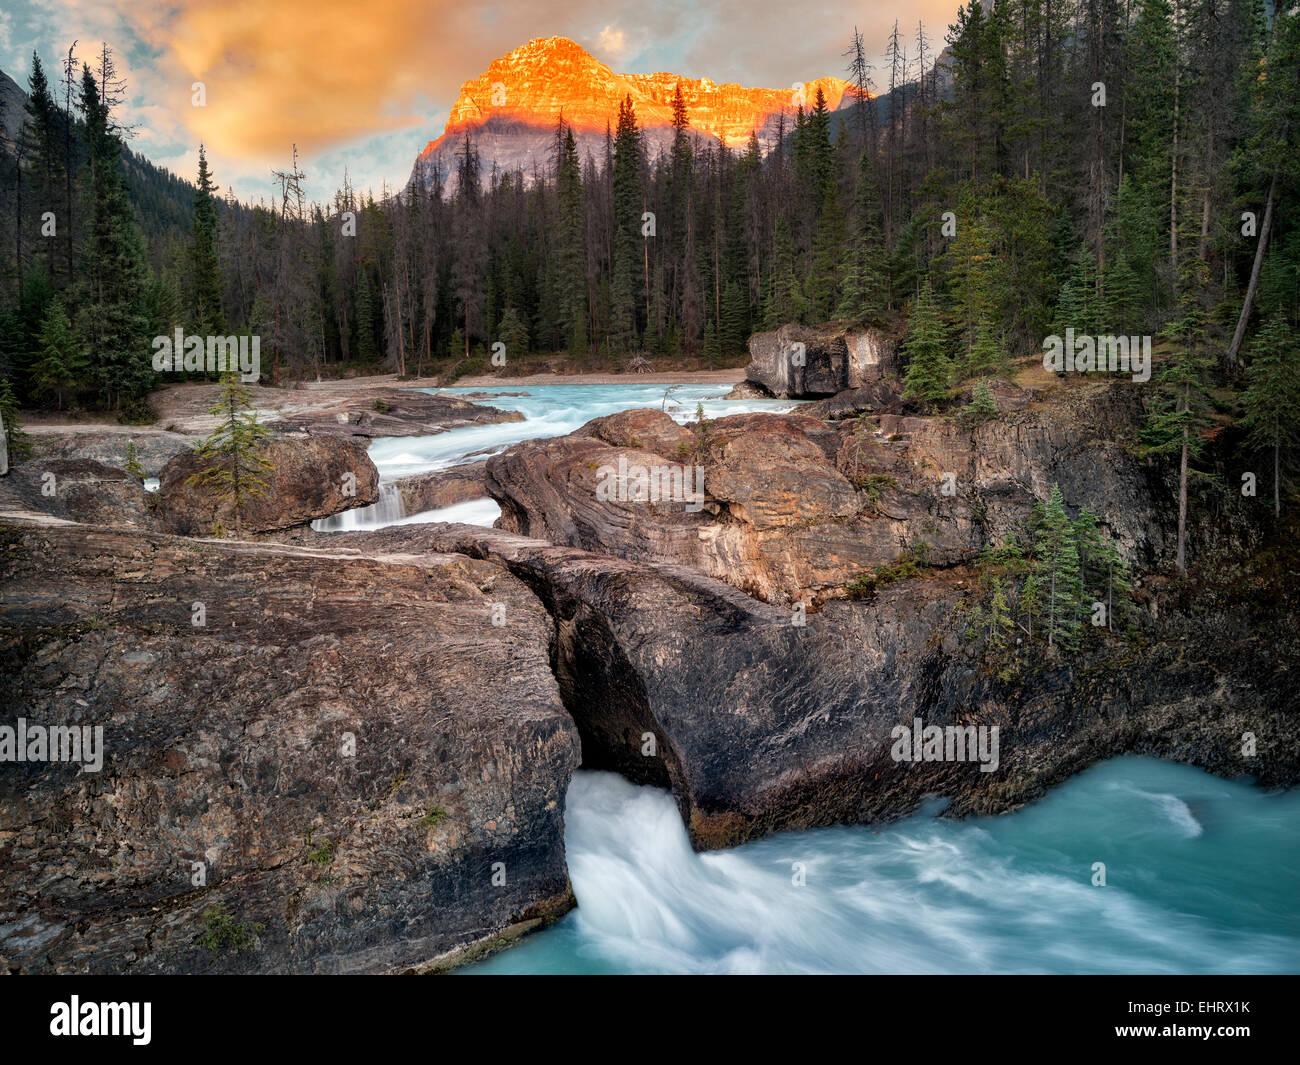 La rivière Kicking Horse et Natural Bridge Falls avec coucher du soleil in British Columbia's Rocheuses canadiennes et le parc national Yoho. Banque D'Images